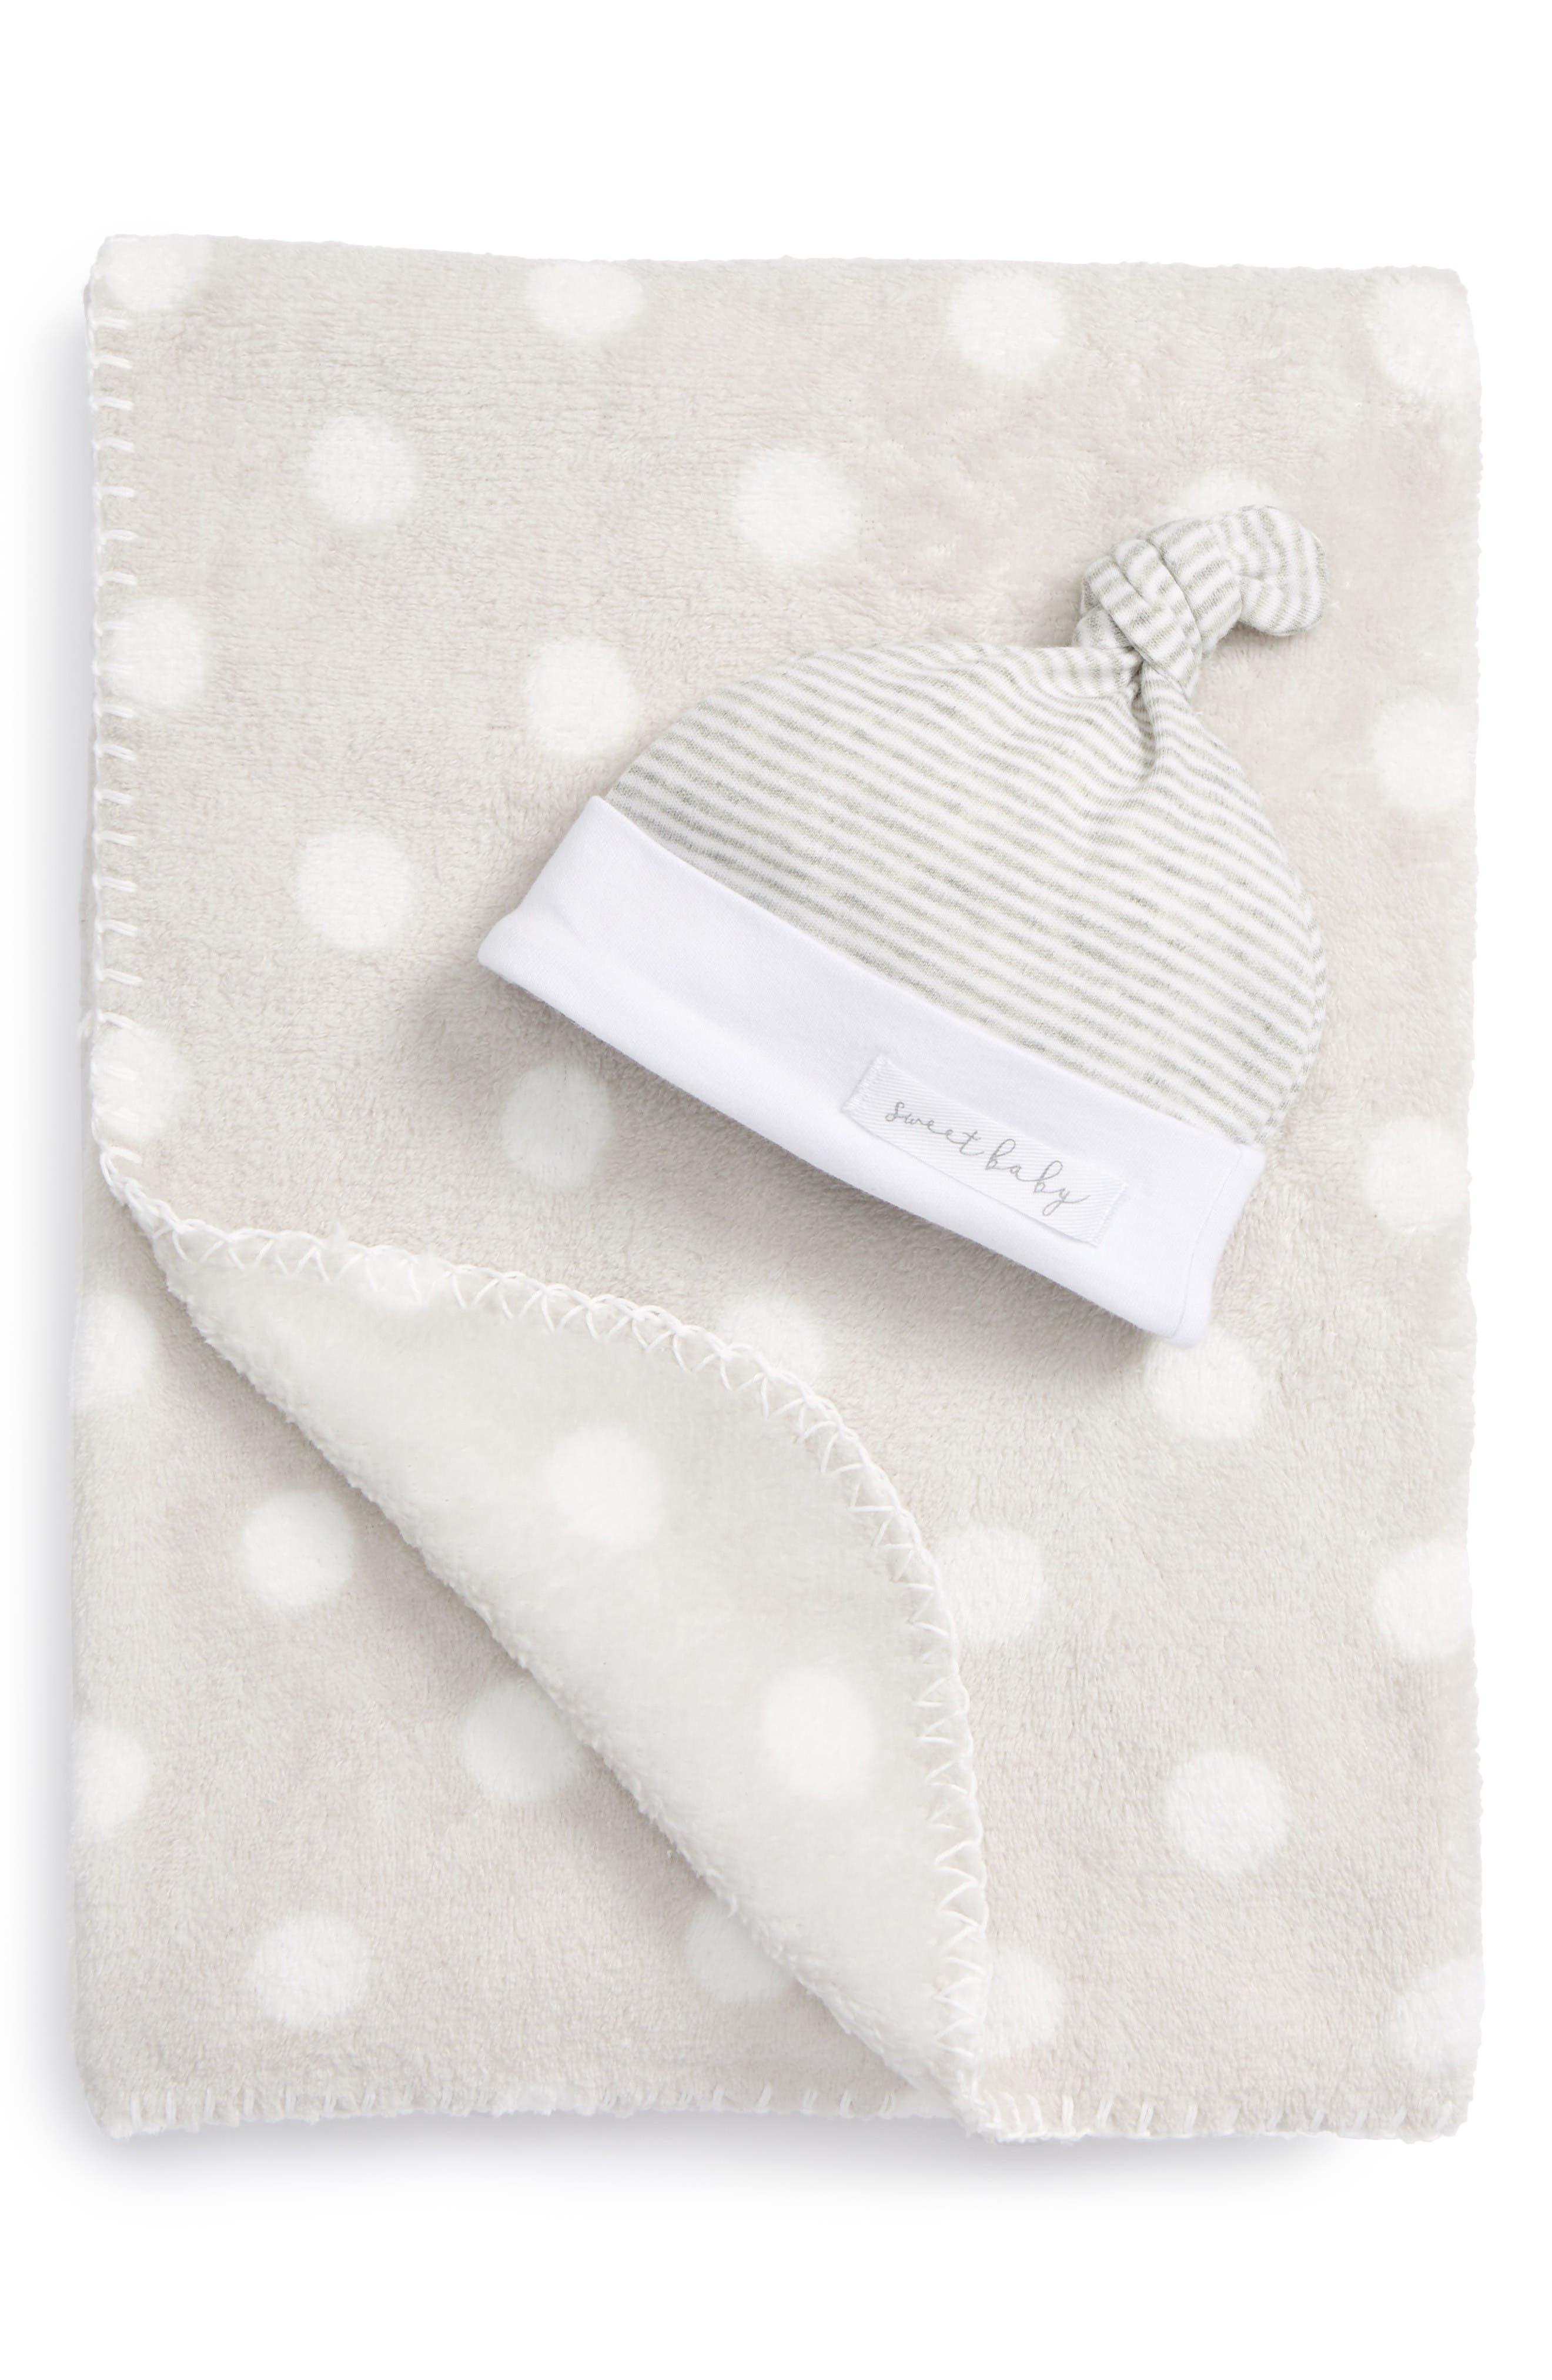 Alternate Image 1 Selected - Mud Pie Sweet Baby Receiving Blanket & Hat Set